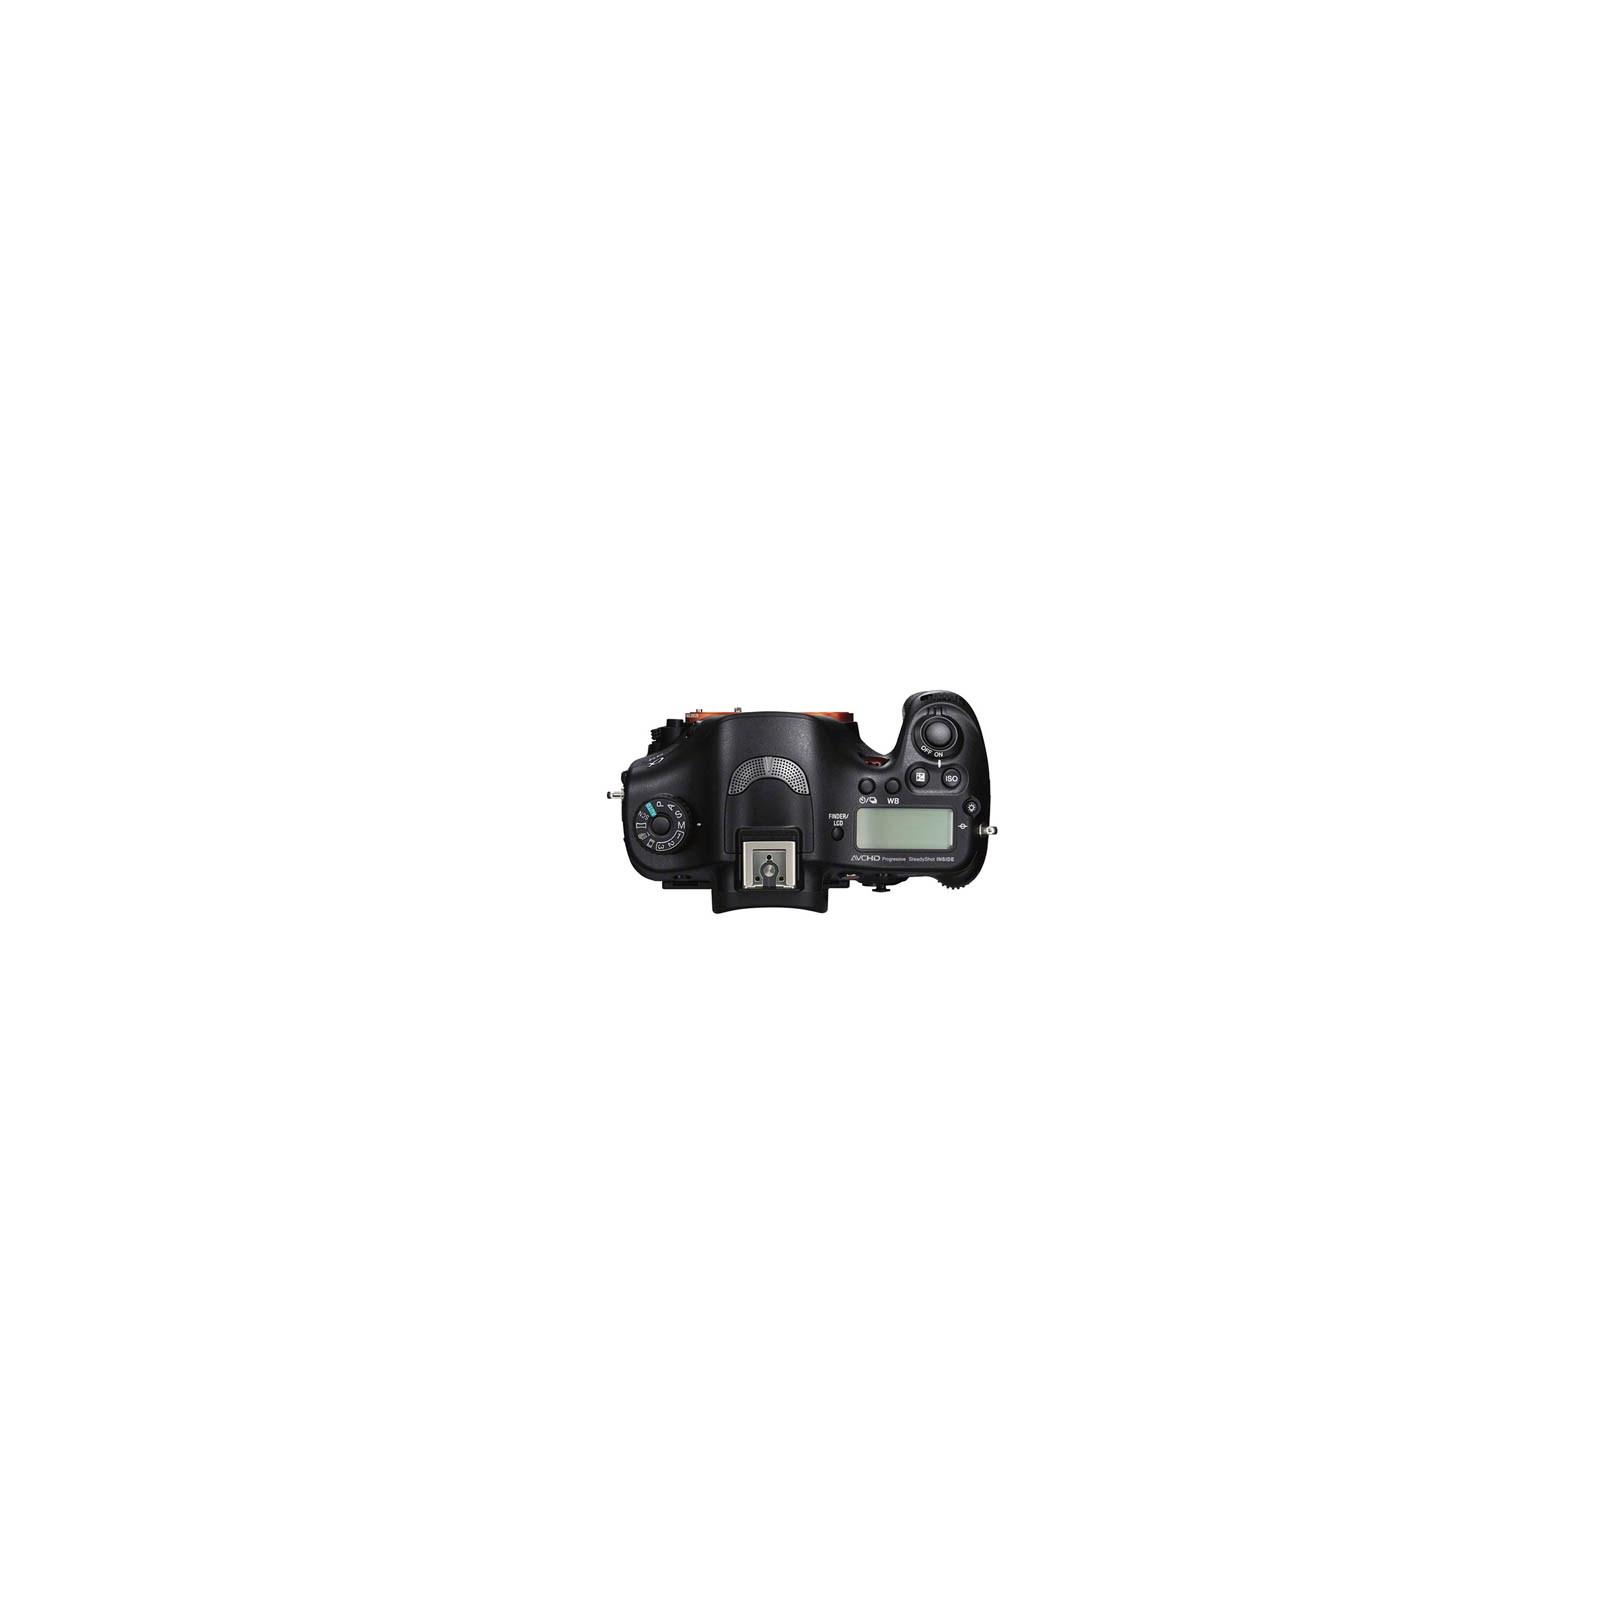 Цифровой фотоаппарат SONY Alpha A99 body (SLTA99.RU2) изображение 3